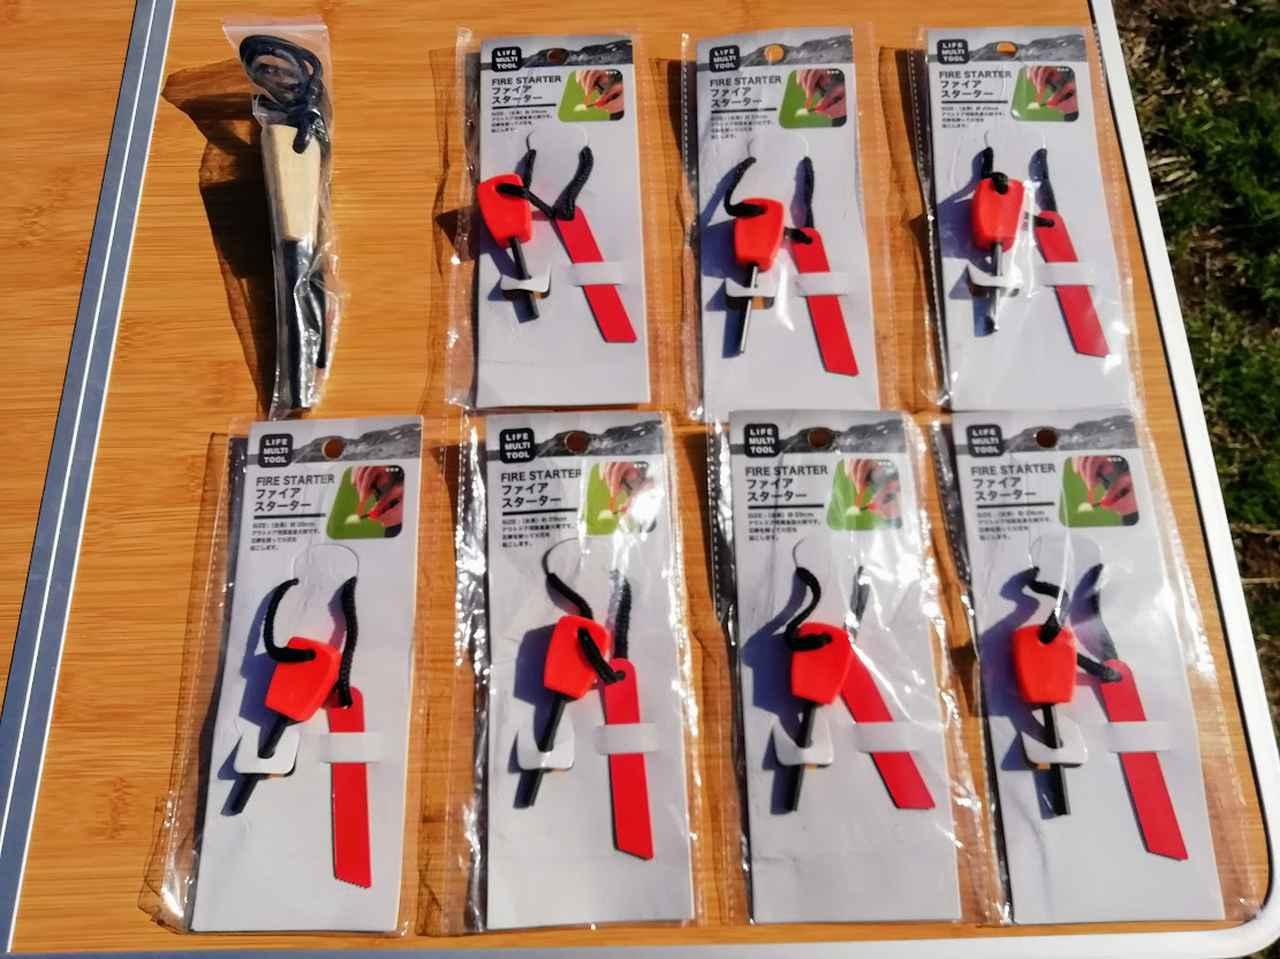 画像: 筆者撮影 セリアのファイヤースターターは、100円+税でコスパ最強!